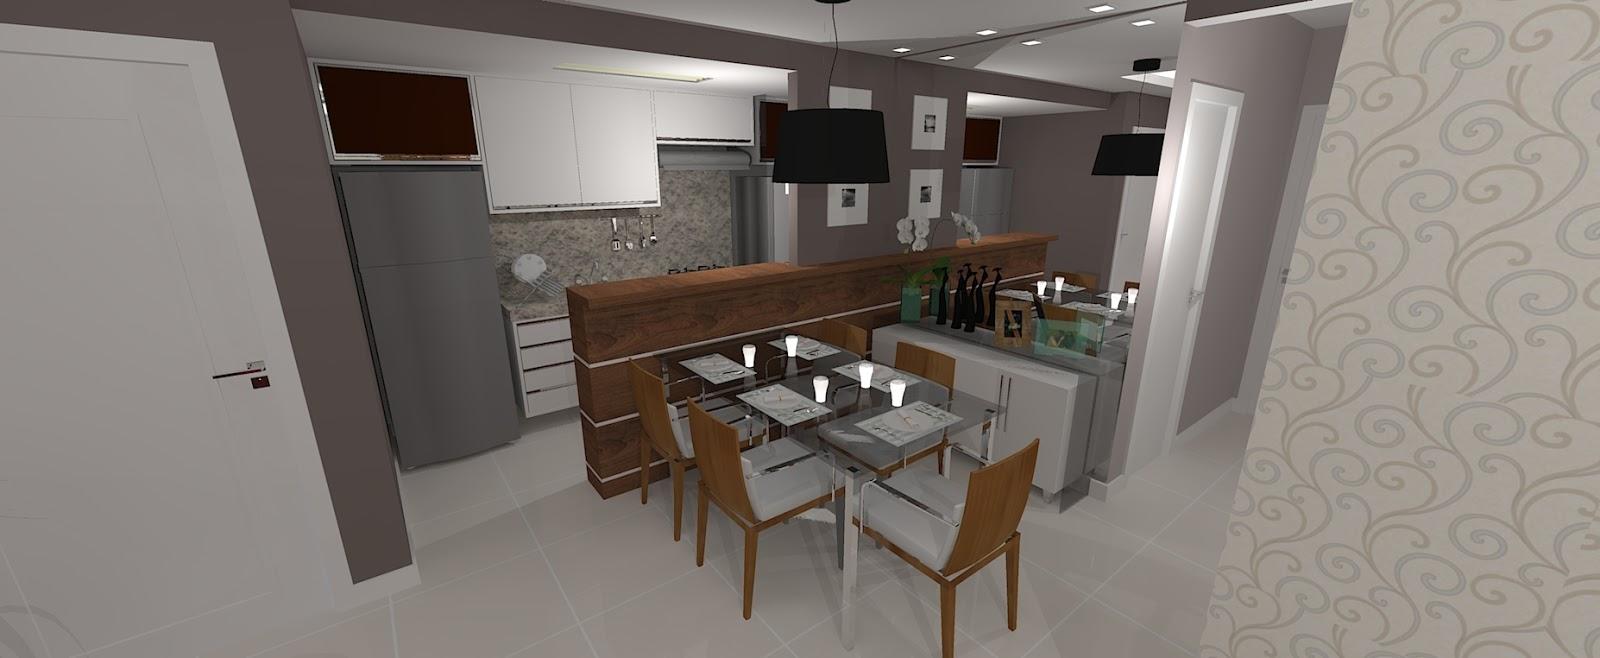 Pruzak Com Cozinha Pequena Sala De Jantar Id Ias Interessantes  -> Cozinha Integrada Com Sala De Jantar Pequena